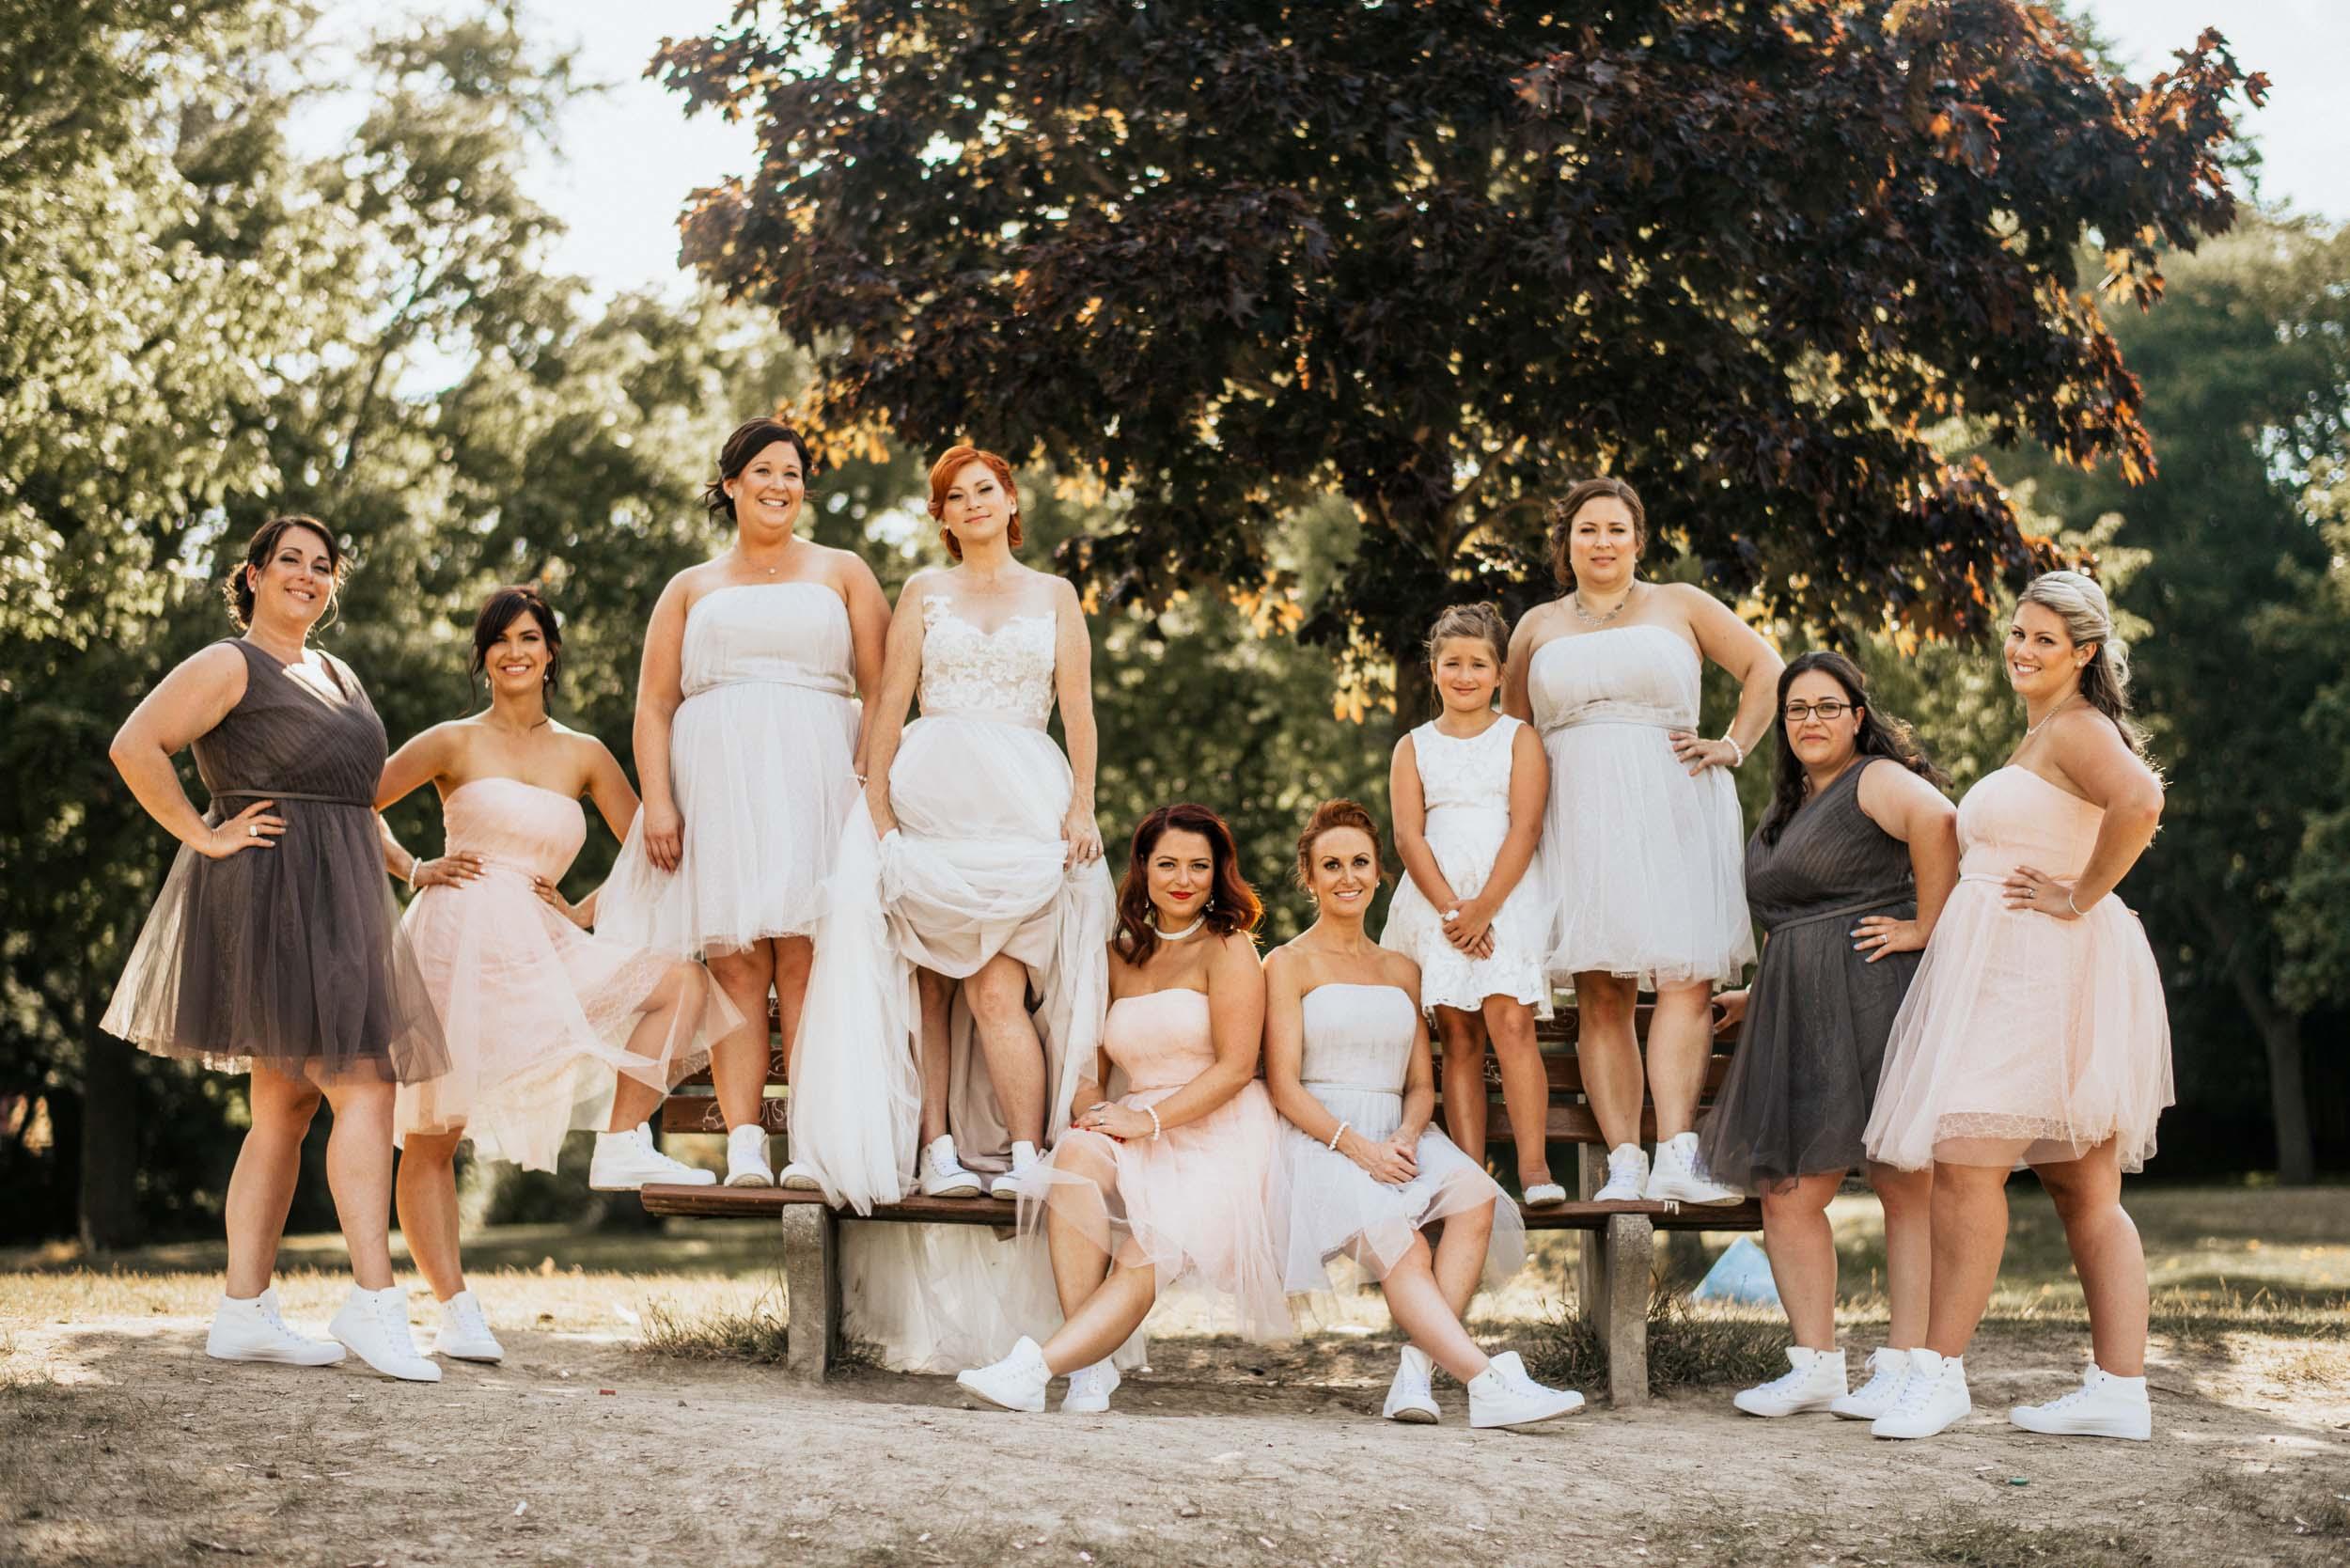 wedding-photography-stratford-davidiam-142.jpg